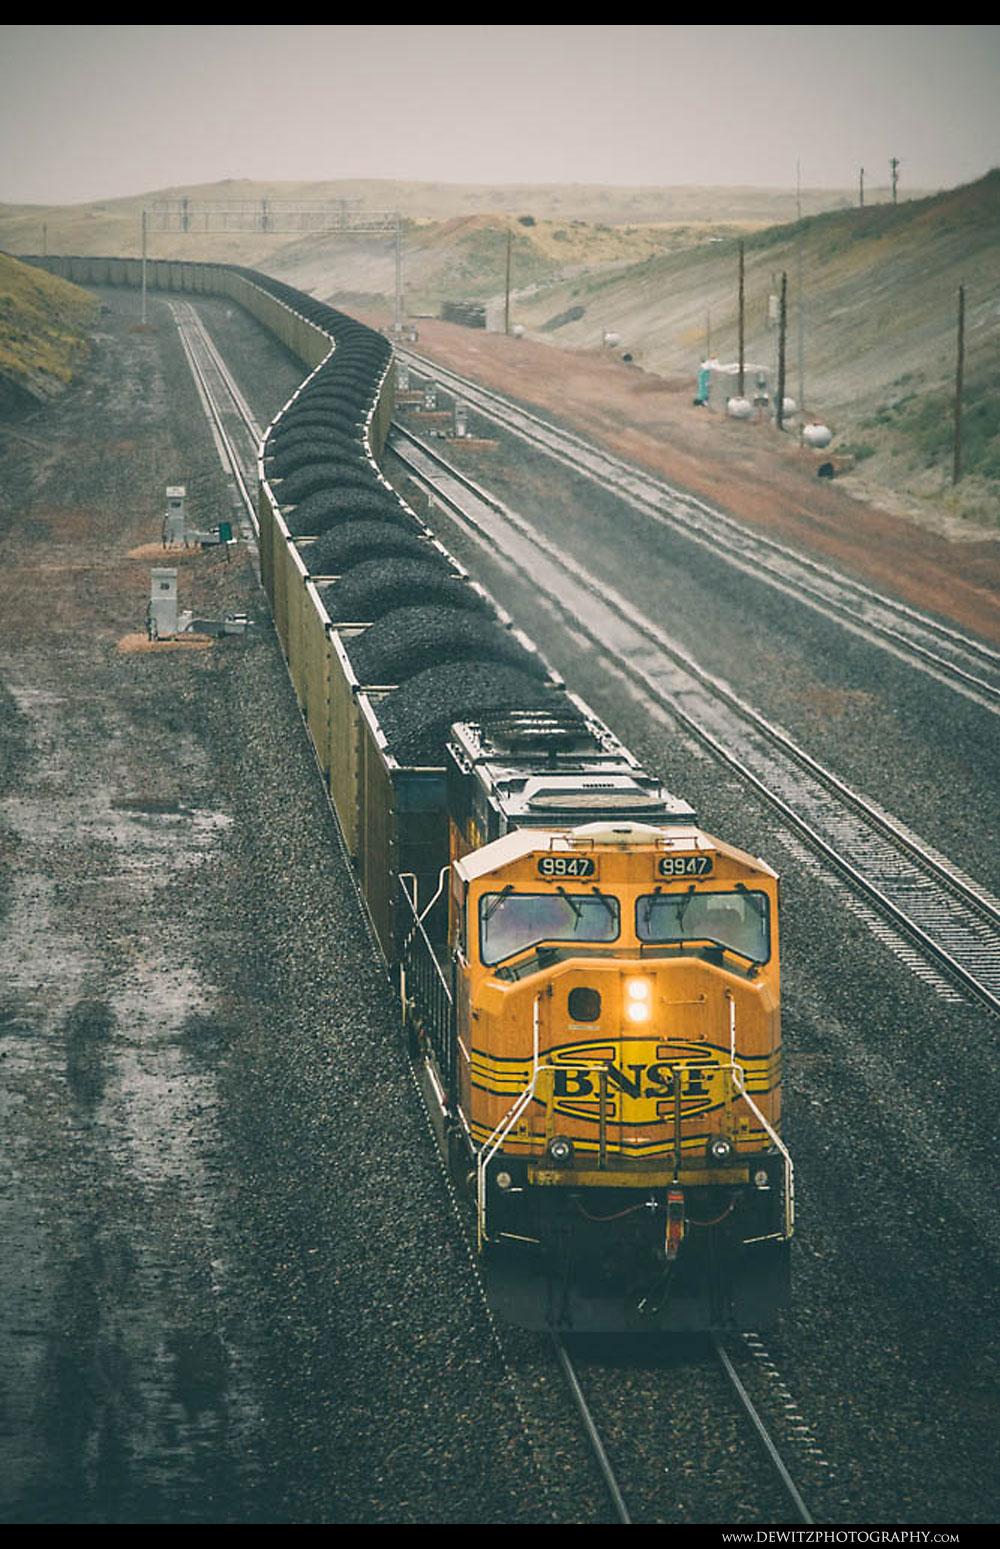 1Loaded Coal Train Climbs the Hill